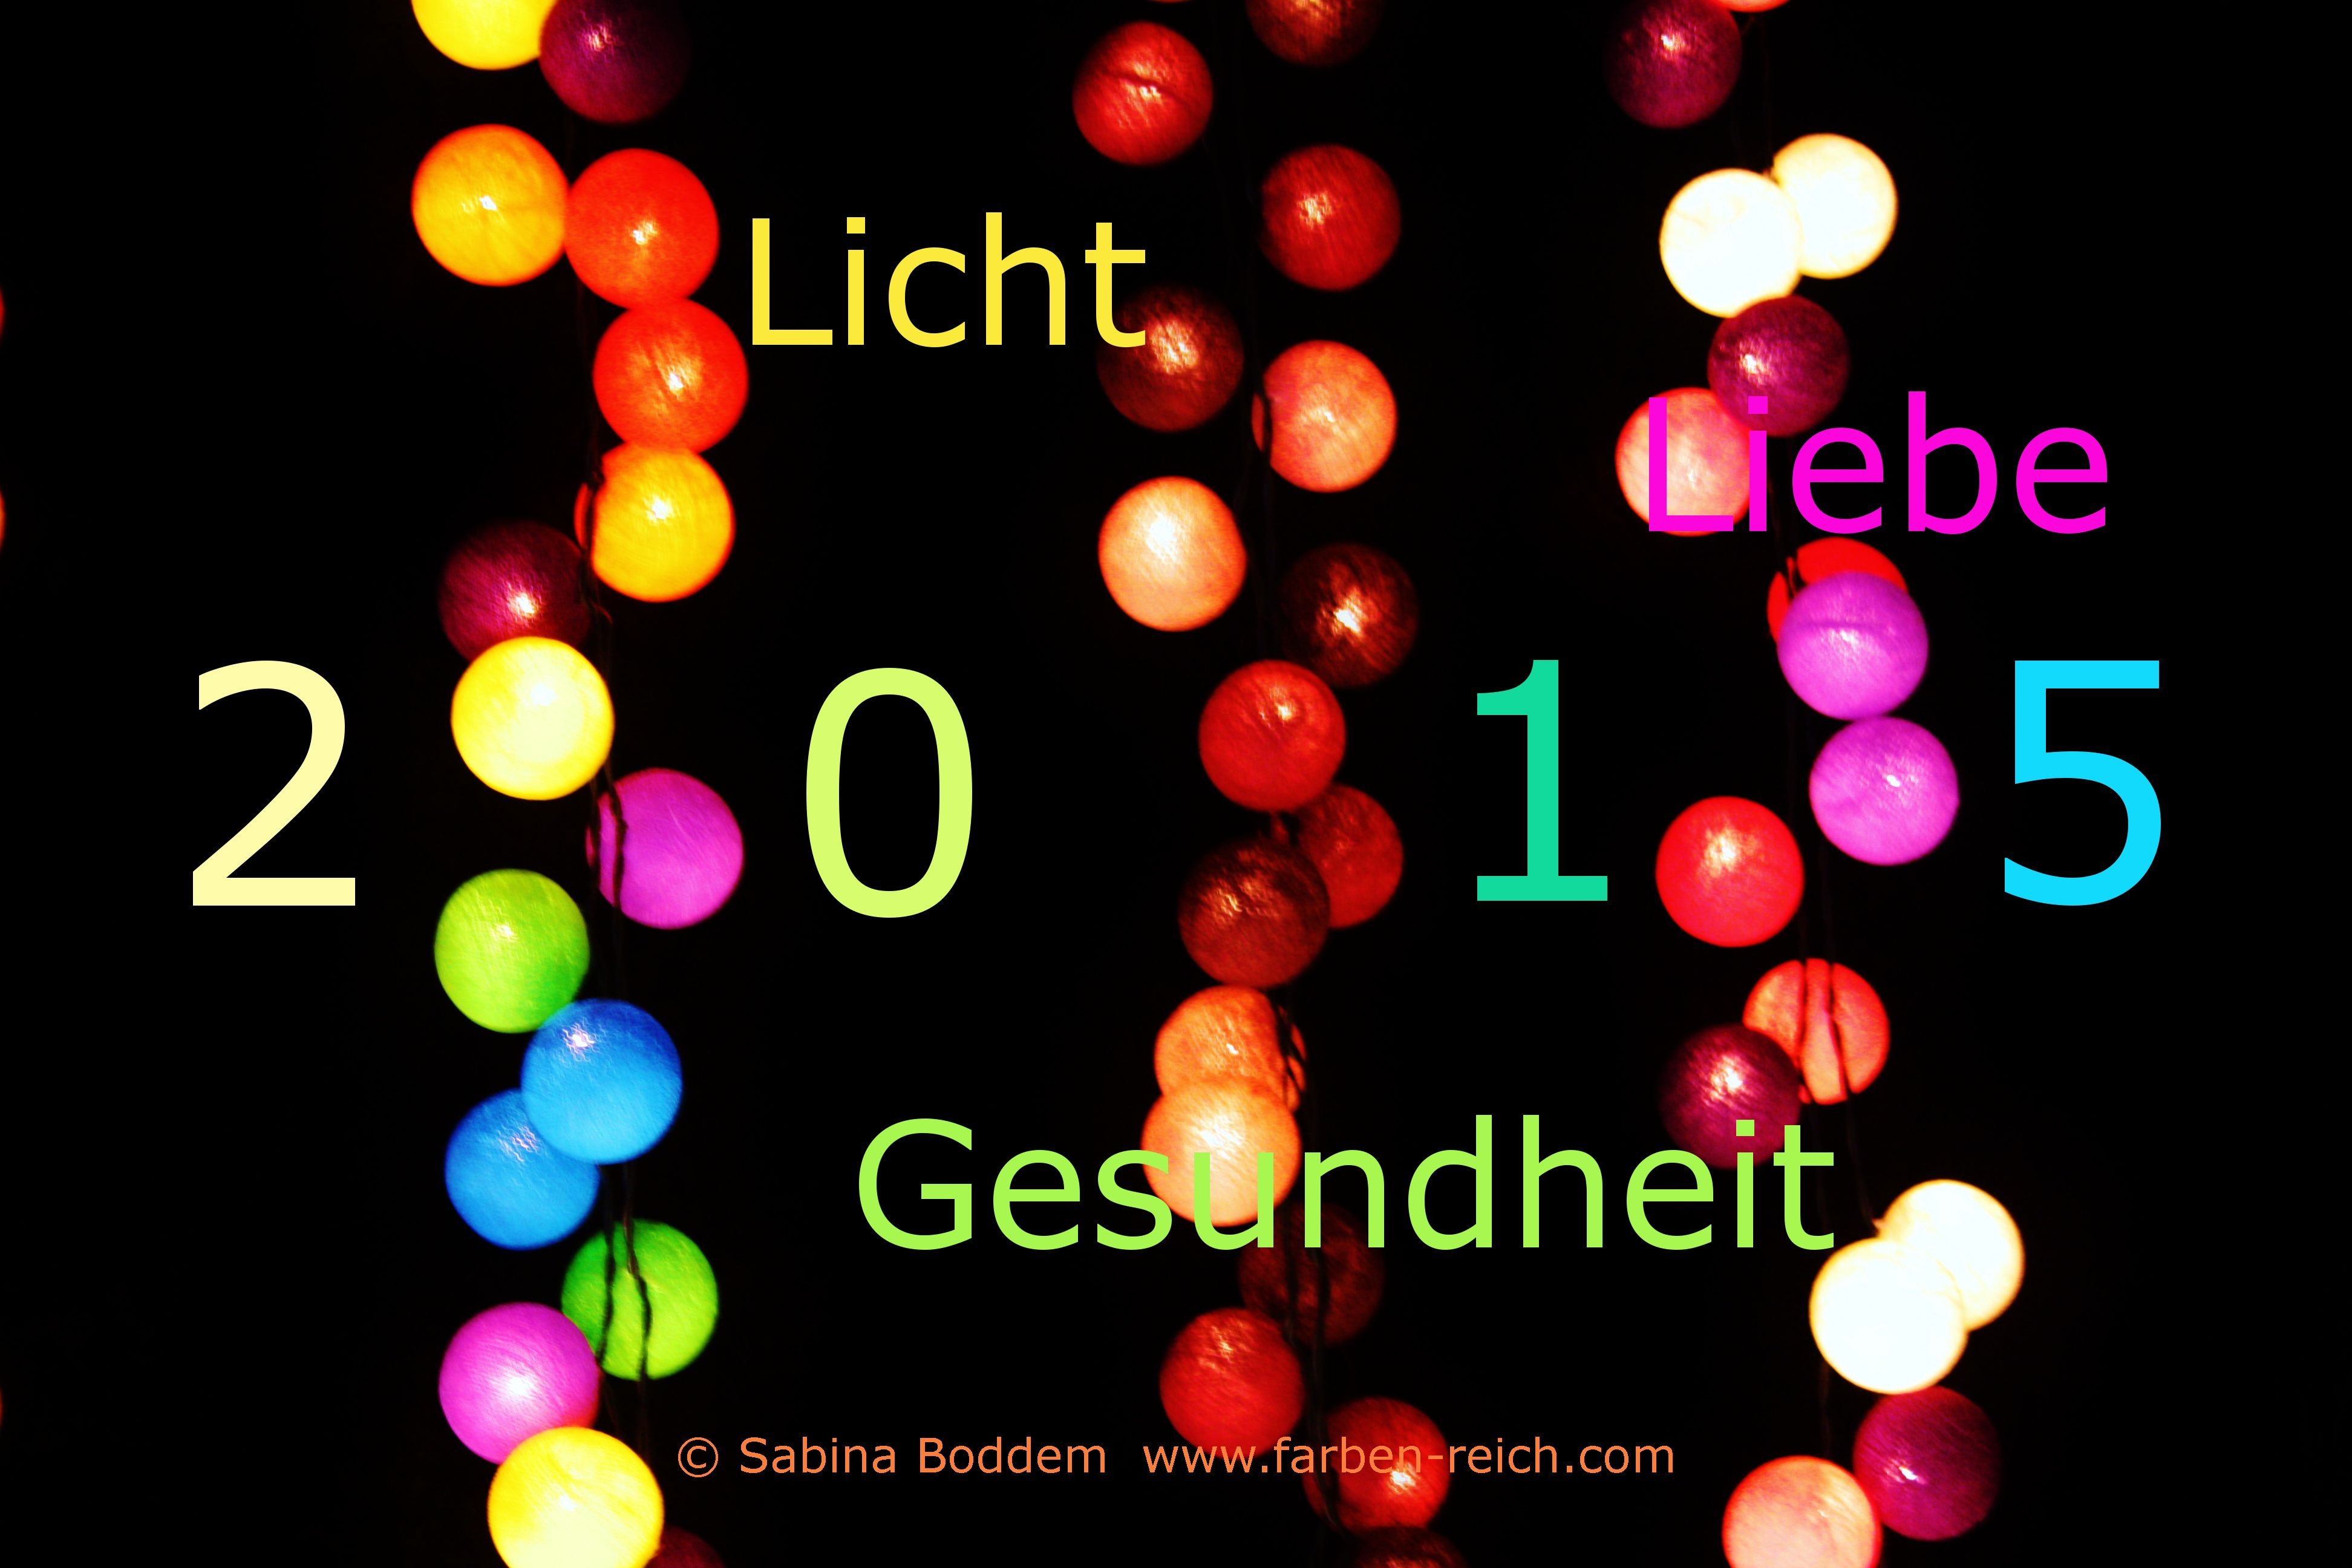 Einen guten Rutsch und alles Liebe für das Neue Jahr 2105 wünsche ich dir und allen anderen Lebewesen in dieser Welt! Herzlichst Sabina Boddem www.farben-reich.com